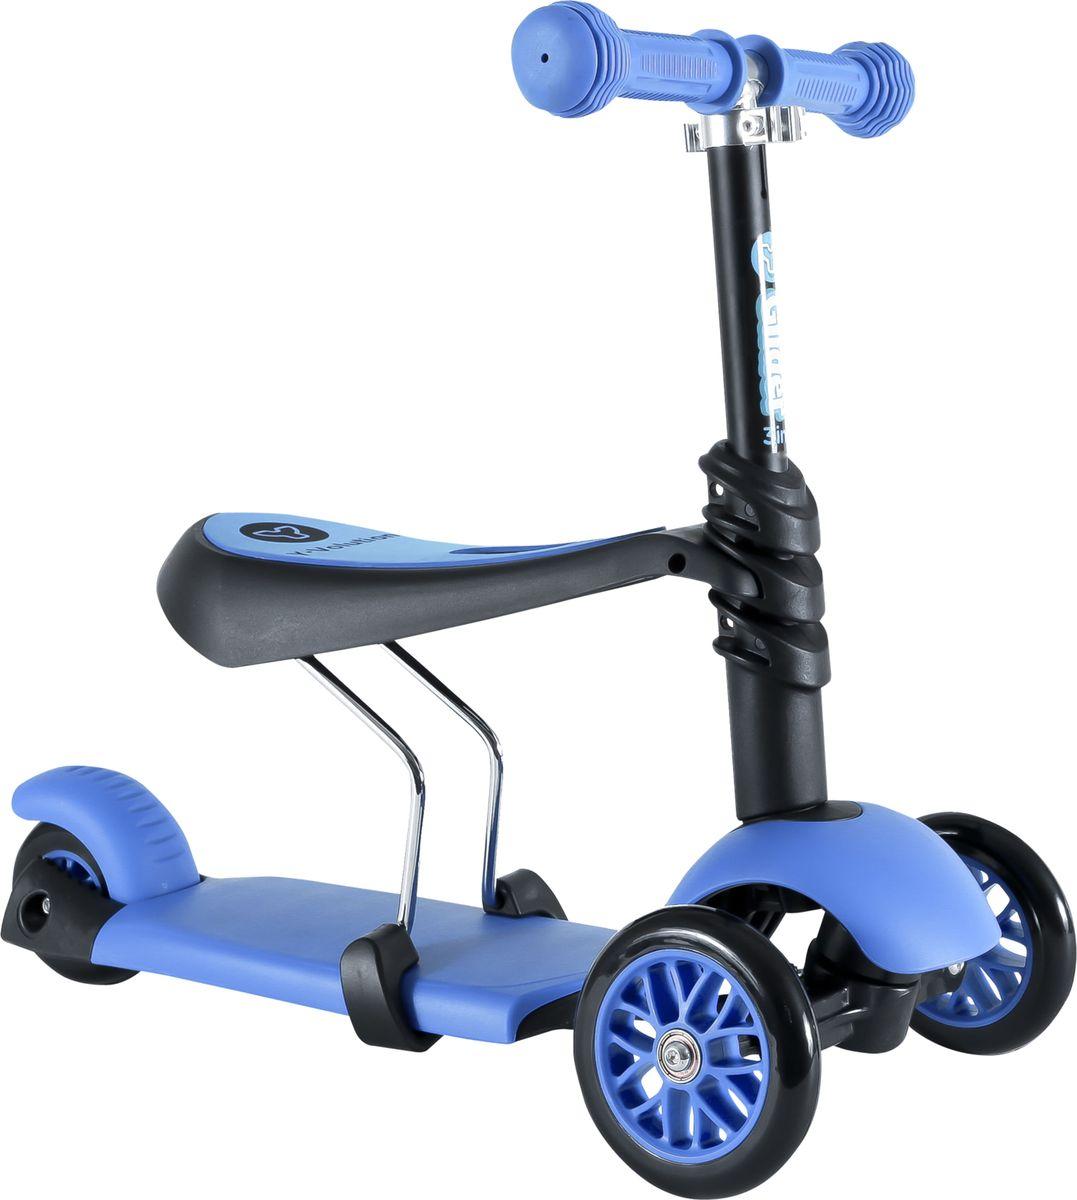 YVolution Самокат-беговел детский Glider 3 в 1 цвет синий - Беговелы